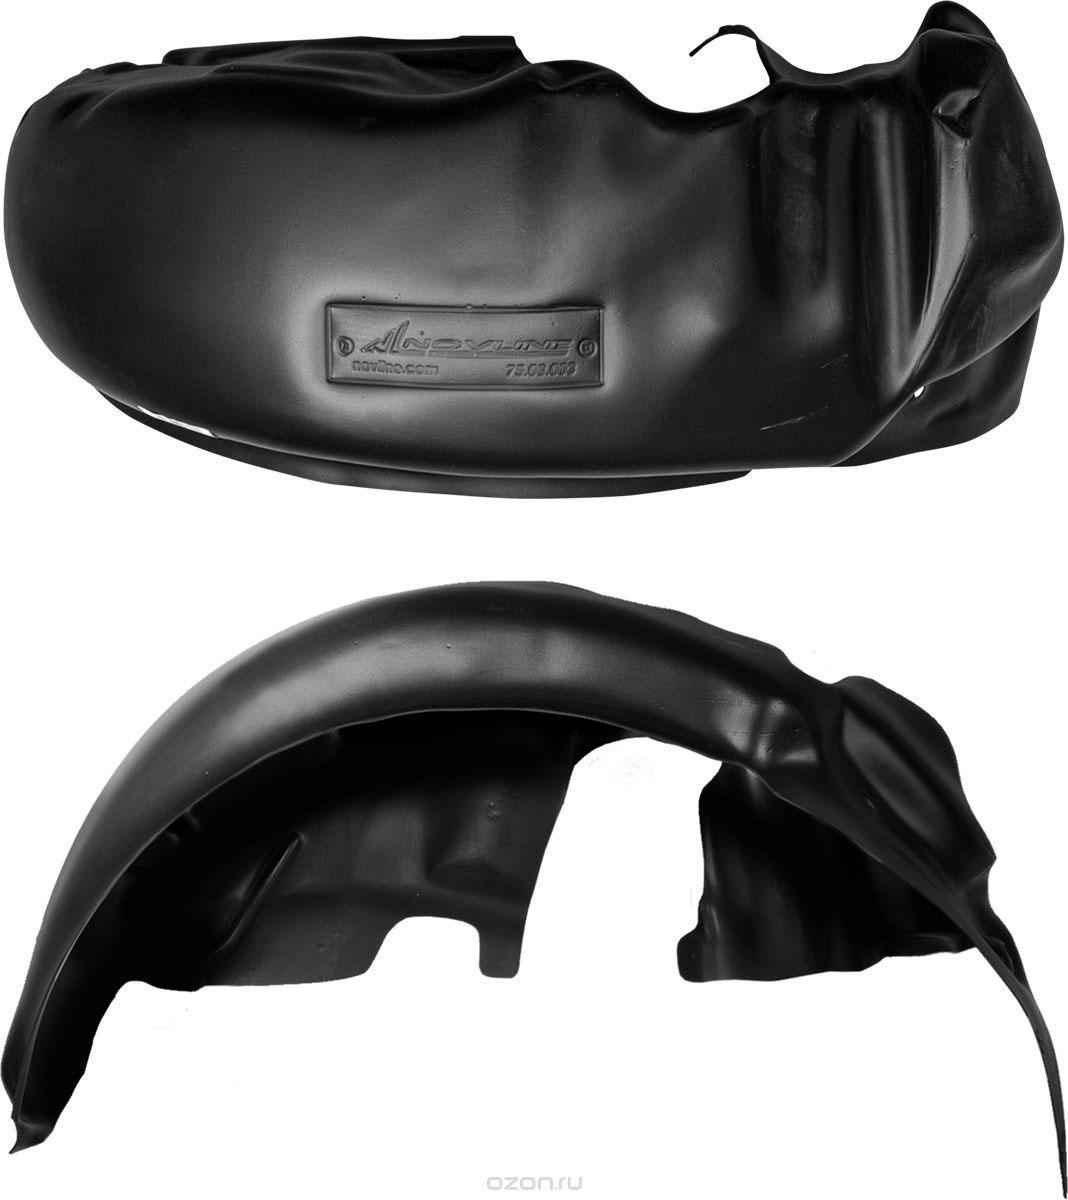 Подкрылок Novline-Autofamily, для Chevrolet Aveo, 2008->, хэтчбек, передний левыйNLL.08.12.001Идеальная защита колесной ниши. Локеры разработаны с применением цифровых технологий, гарантируют максимальную повторяемость поверхности арки. Изделия устанавливаются без нарушения лакокрасочного покрытия автомобиля, каждый подкрылок комплектуется крепежом. Уважаемые клиенты, обращаем ваше внимание, что фотографии на подкрылки универсальные и не отражают реальную форму изделия. При этом само изделие идет точно под размер указанного автомобиля.